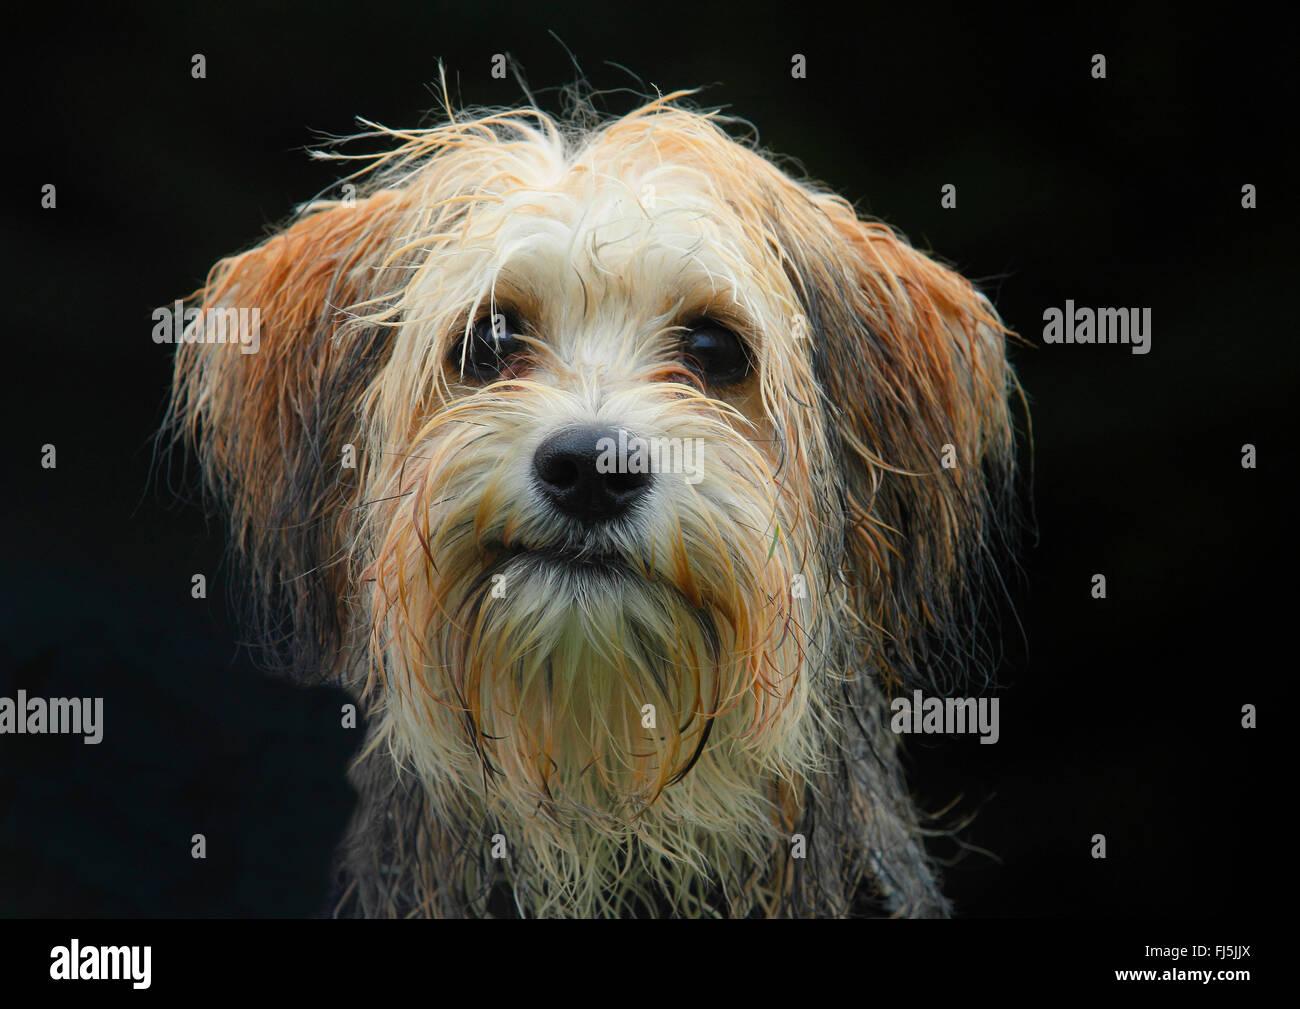 Razza cane (Canis lupus f. familiaris), cinque mesi Maltese maschio Chihuahua razza cane, ritratto con sfondo nero, Immagini Stock